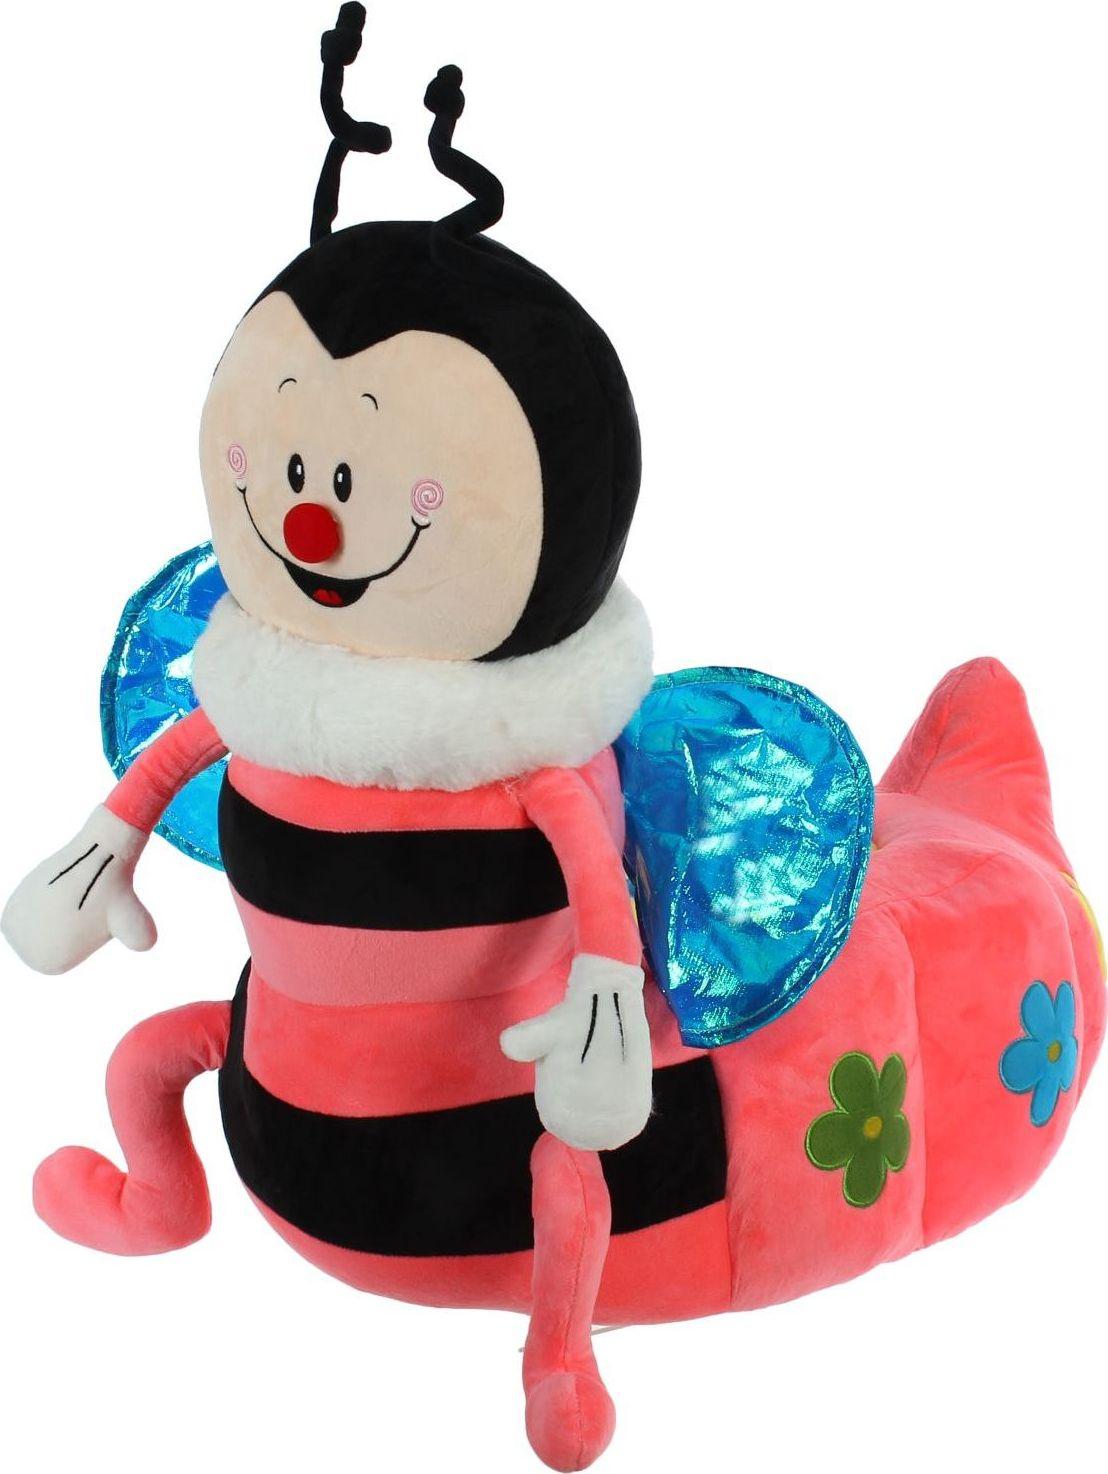 Sima-land Мягкая игрушка-кресло Пчелка цвет черный розовый